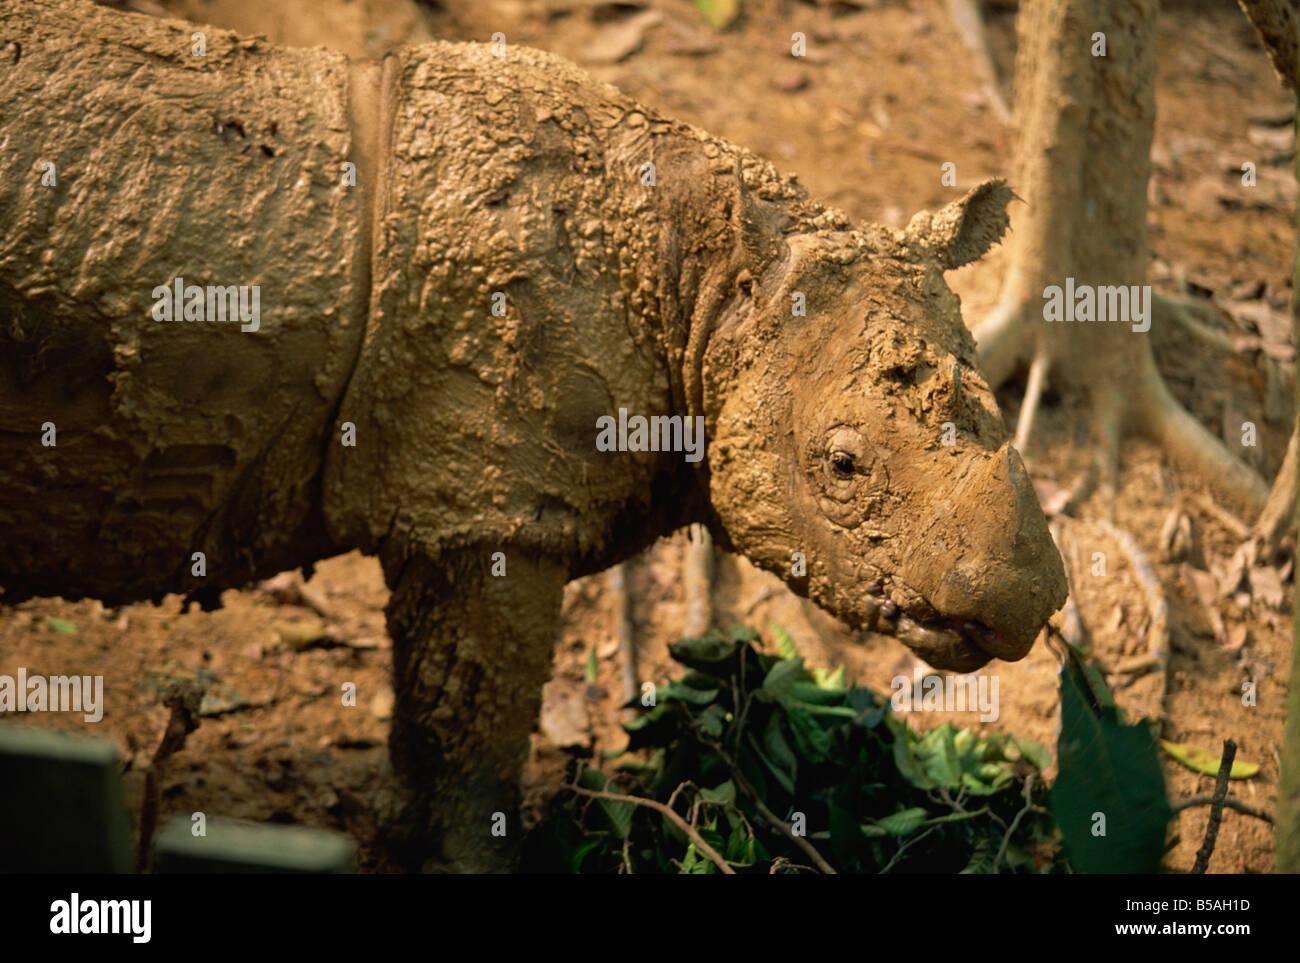 El raro rinoceronte peludo, el tipo más pequeño de rinocerontes en Sepilok Orang-Utan Santuario, cerca Imagen De Stock